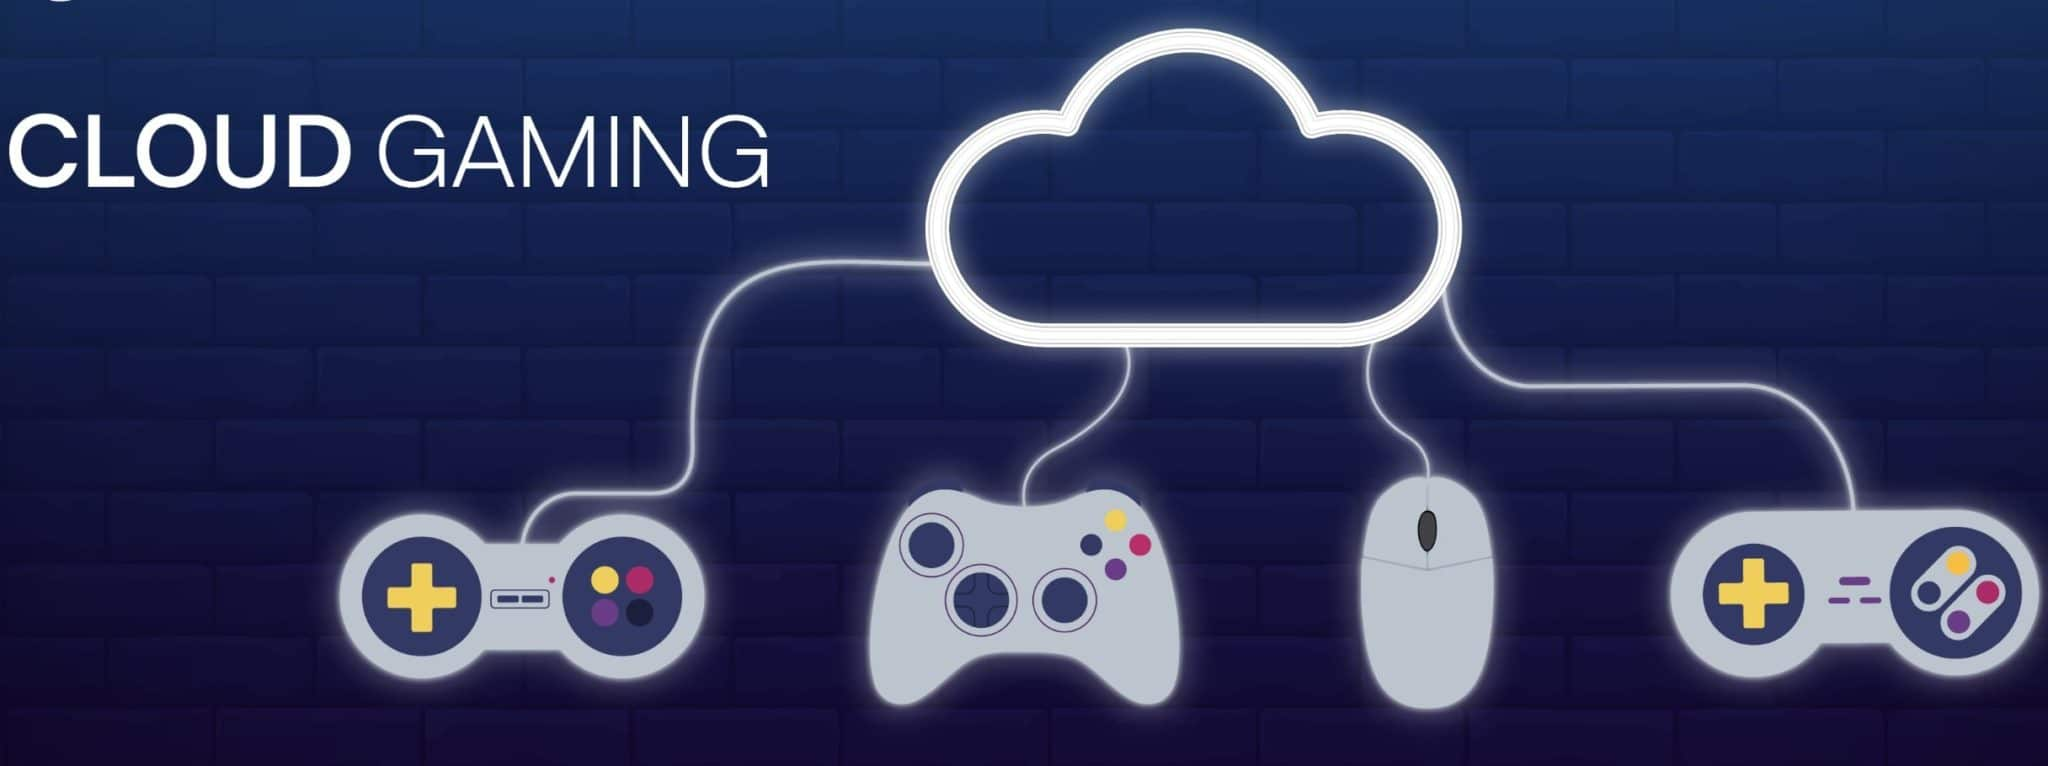 Cloud Gaming Platform